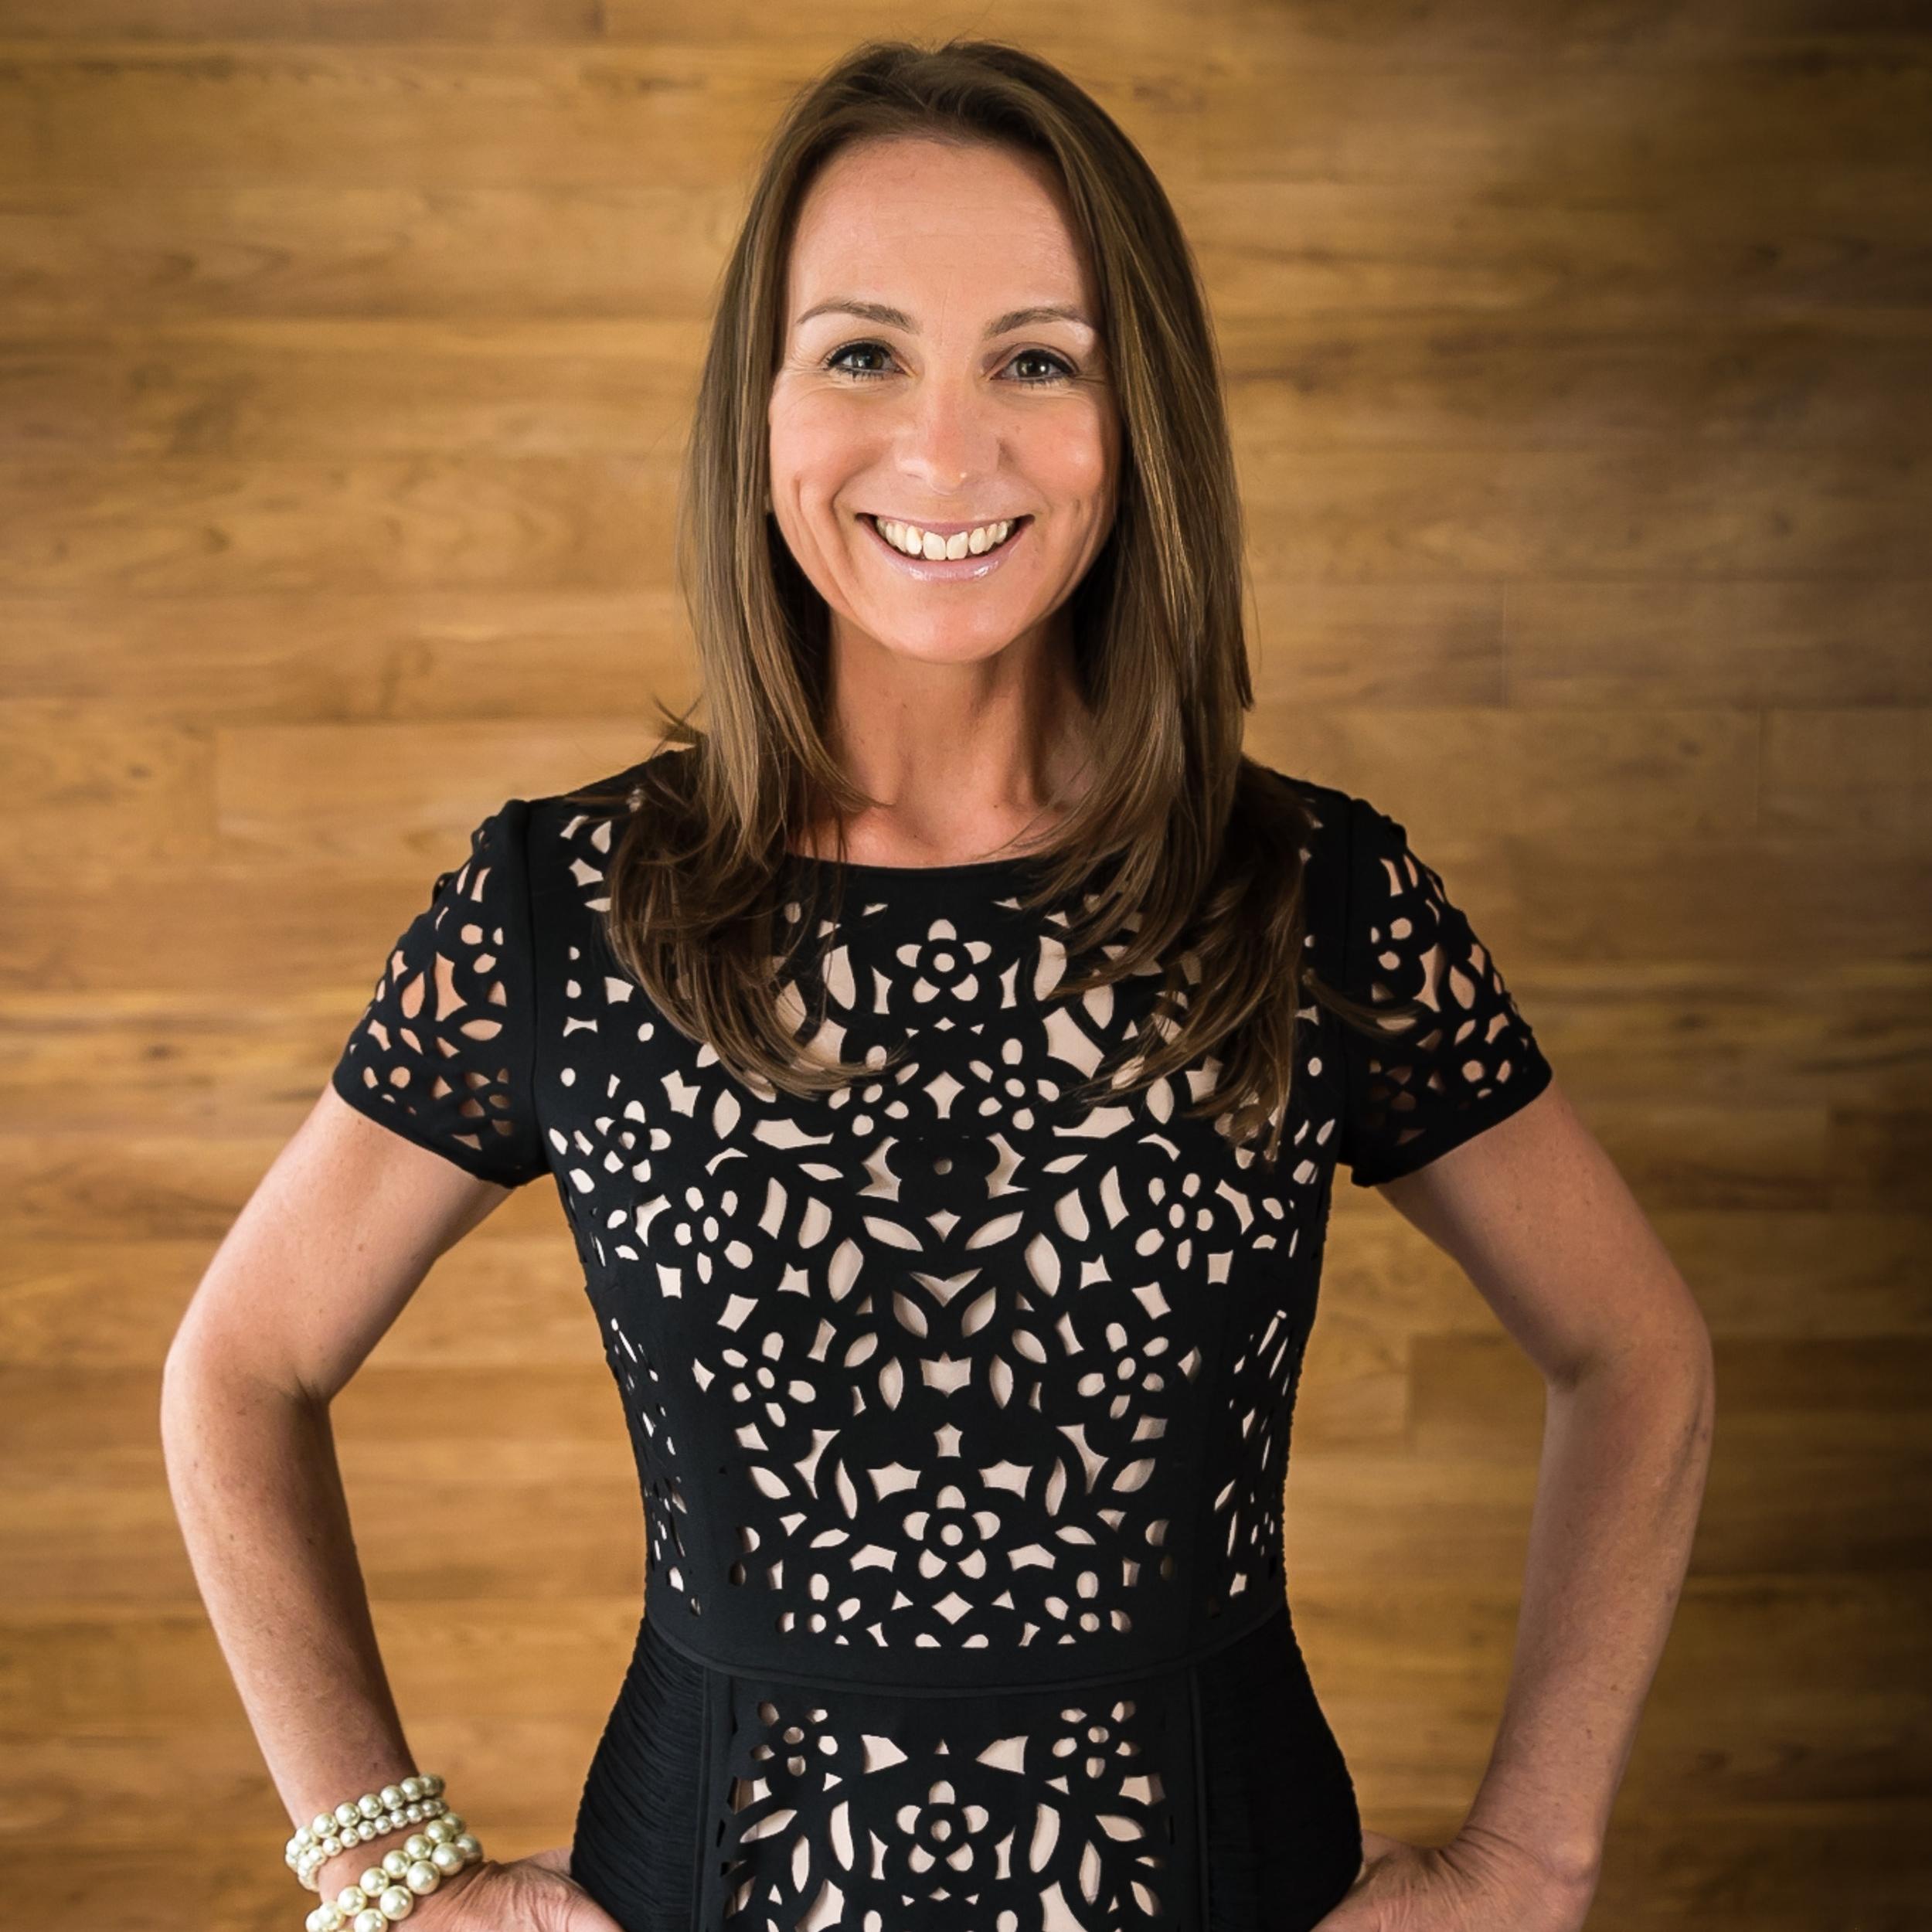 Sara Green - Holistic health coach, rn